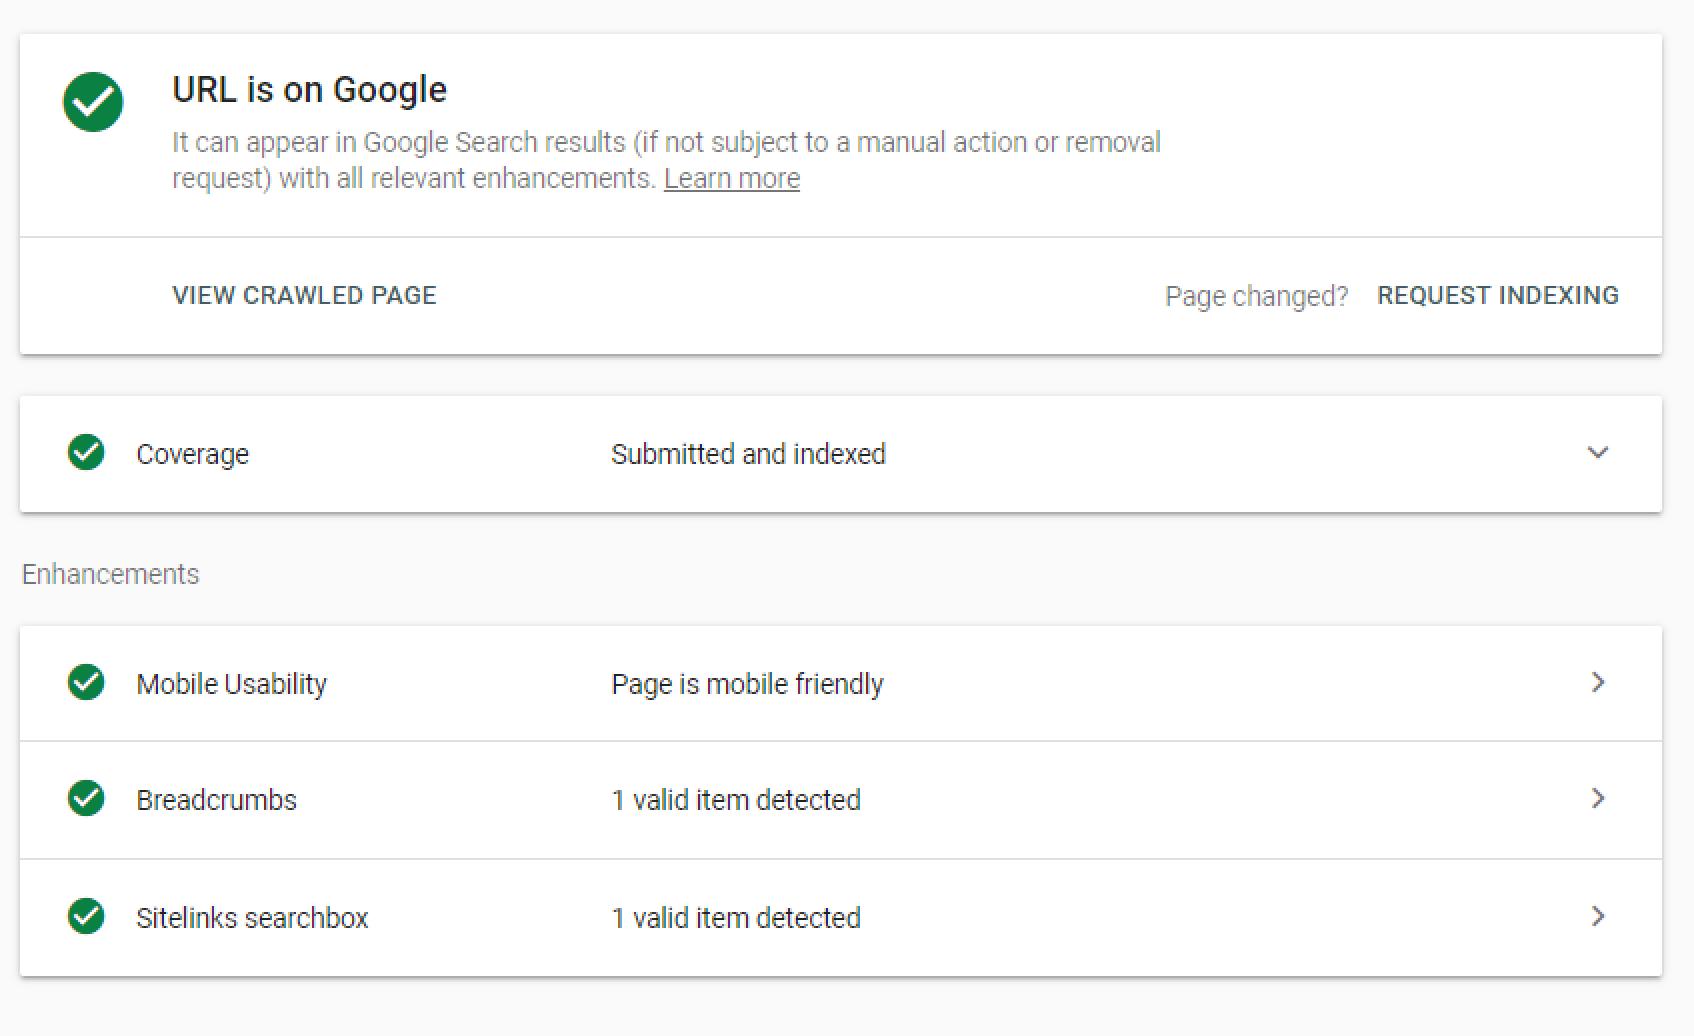 L'outil d'inspection de la GoogleSearchConsole peut servir à demander une indexation.